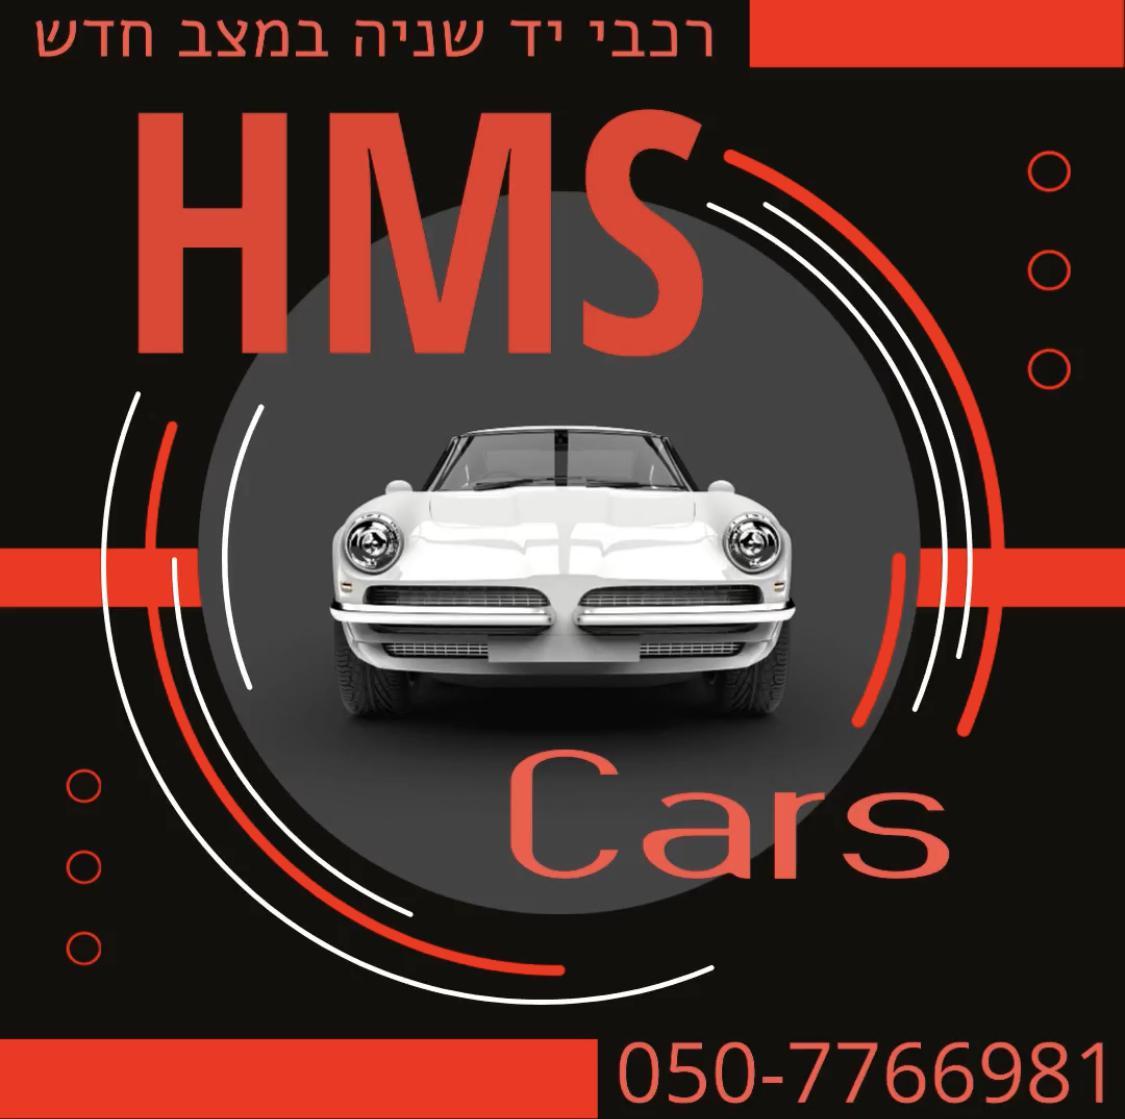 Hms cars לוגו